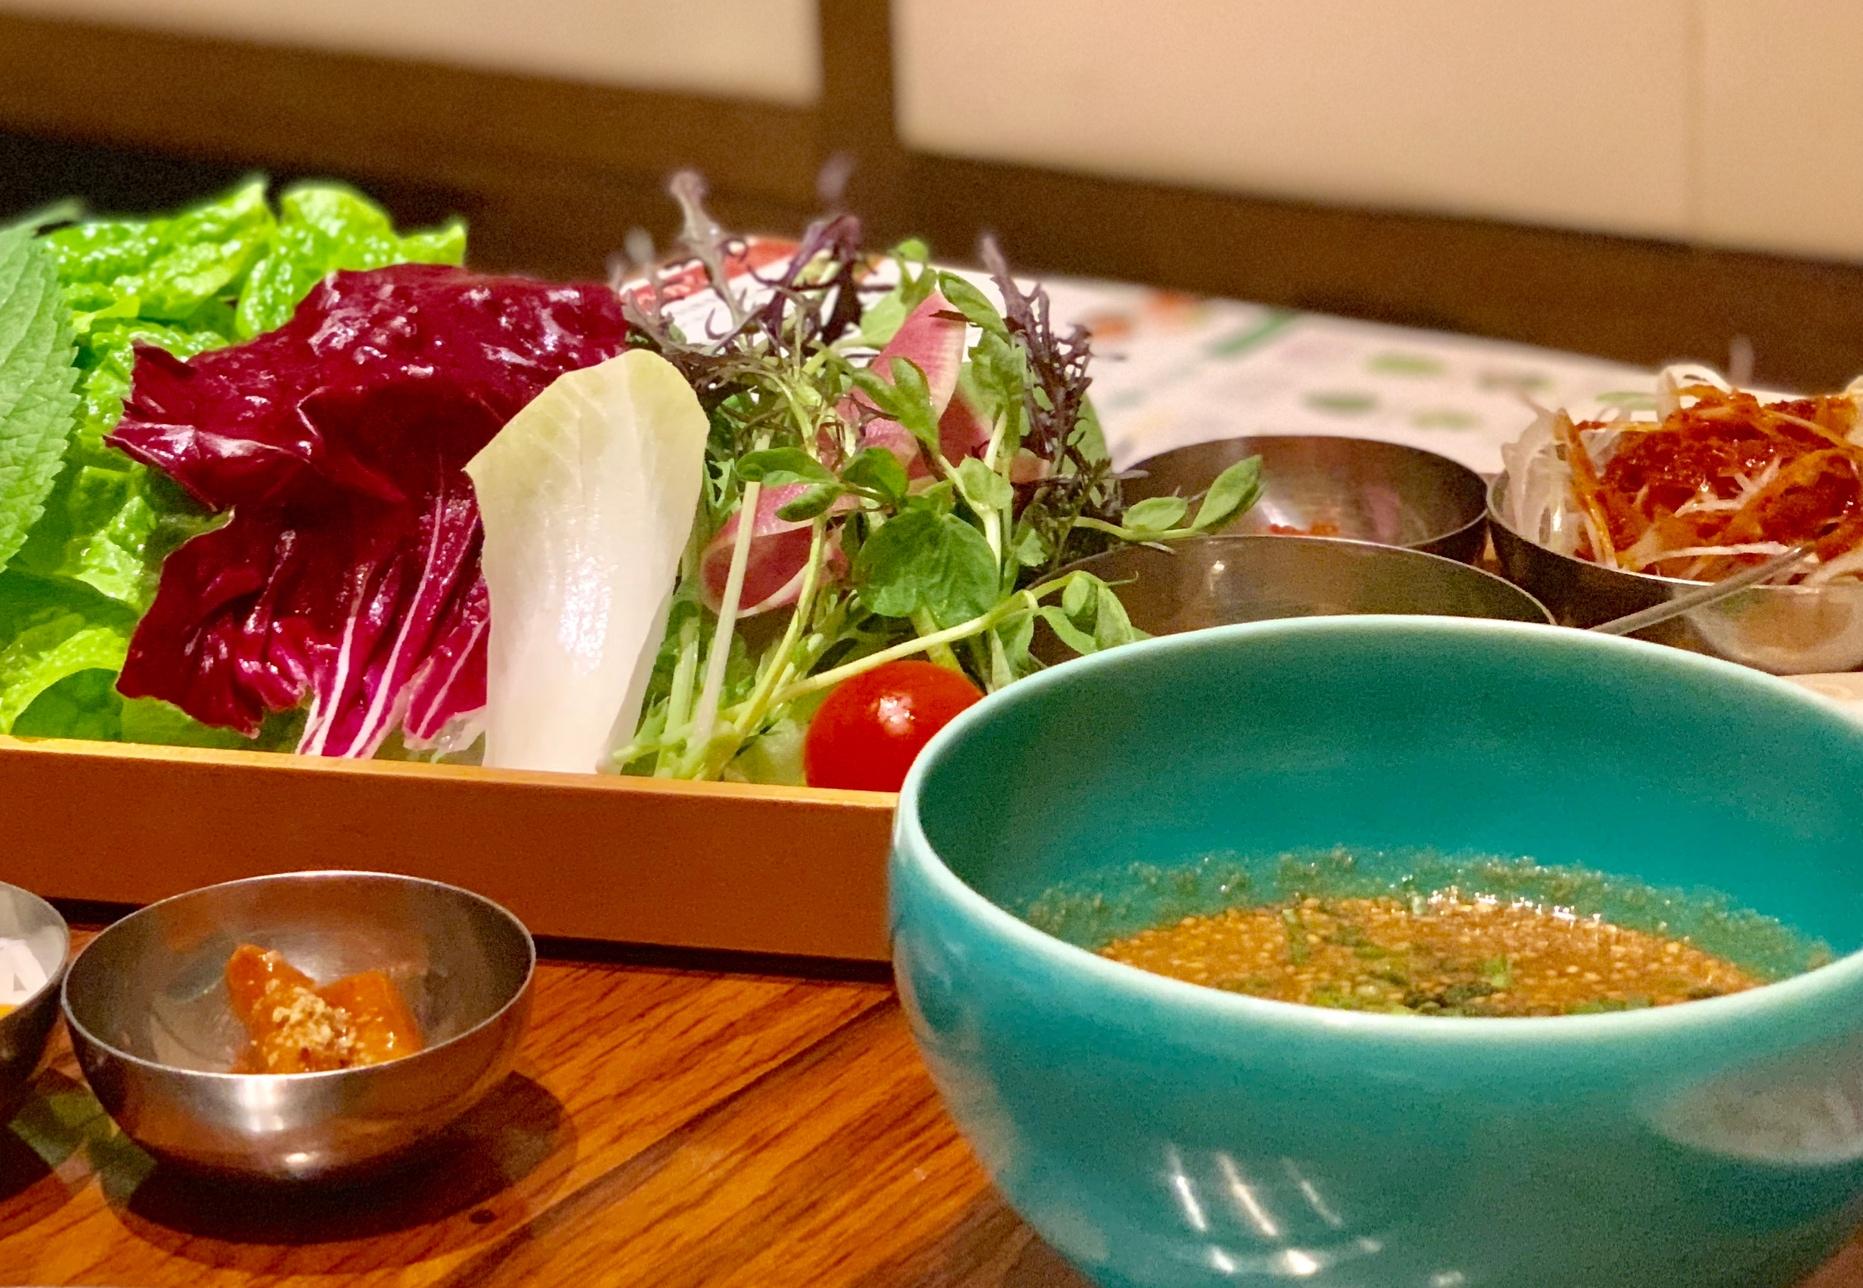 栄|サンパセットは栄養の宝庫。リピート客が続出の焼肉店